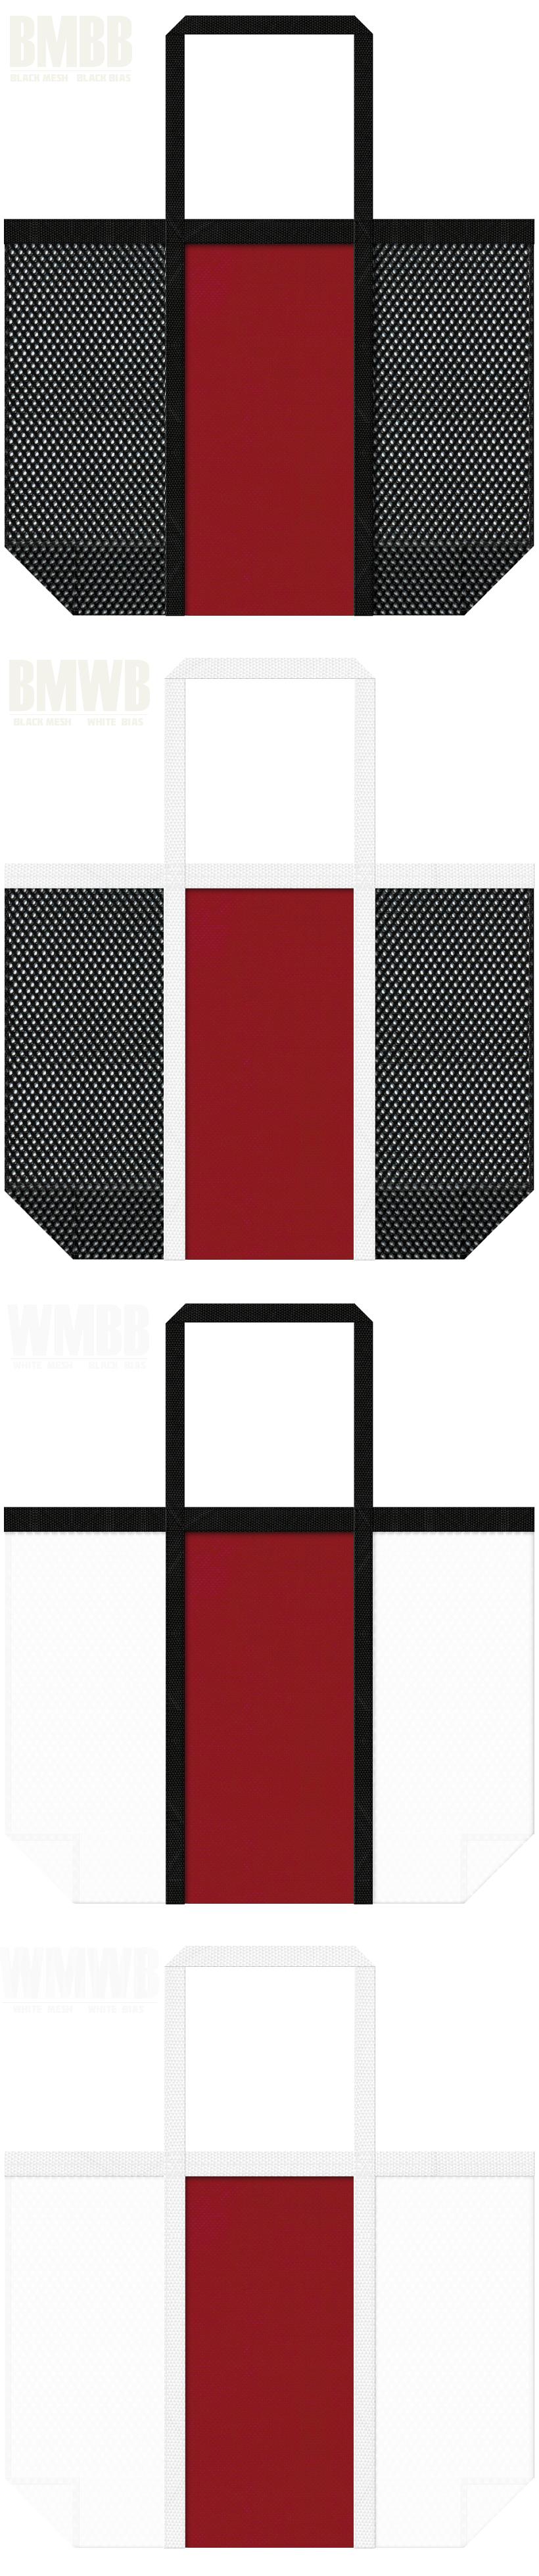 台形型メッシュバッグのカラーシミュレーション:黒色・白色メッシュとエンジ色不織布の組み合わせ